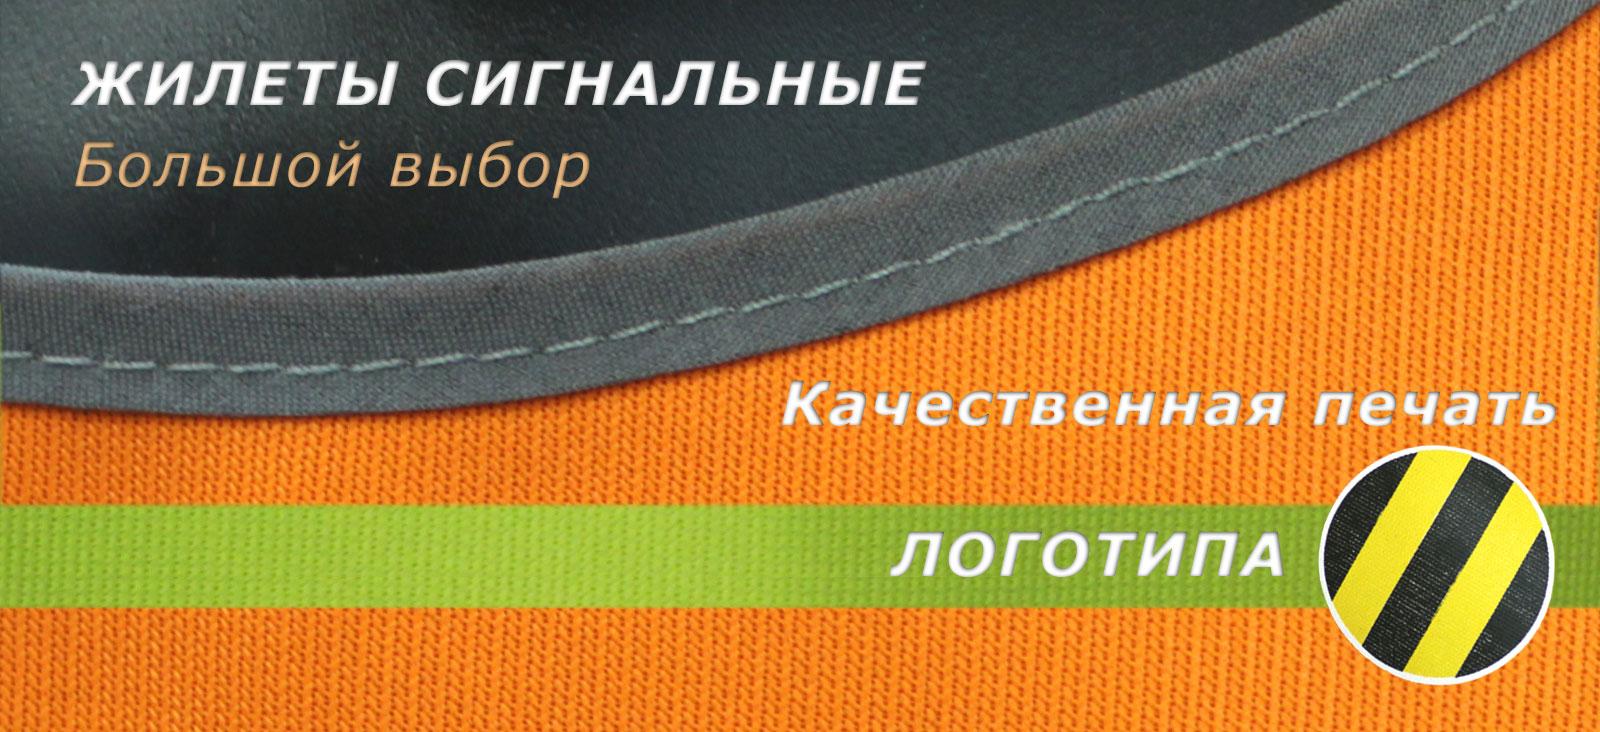 Примеры сигнальных жилетов с нанесенным логотипом